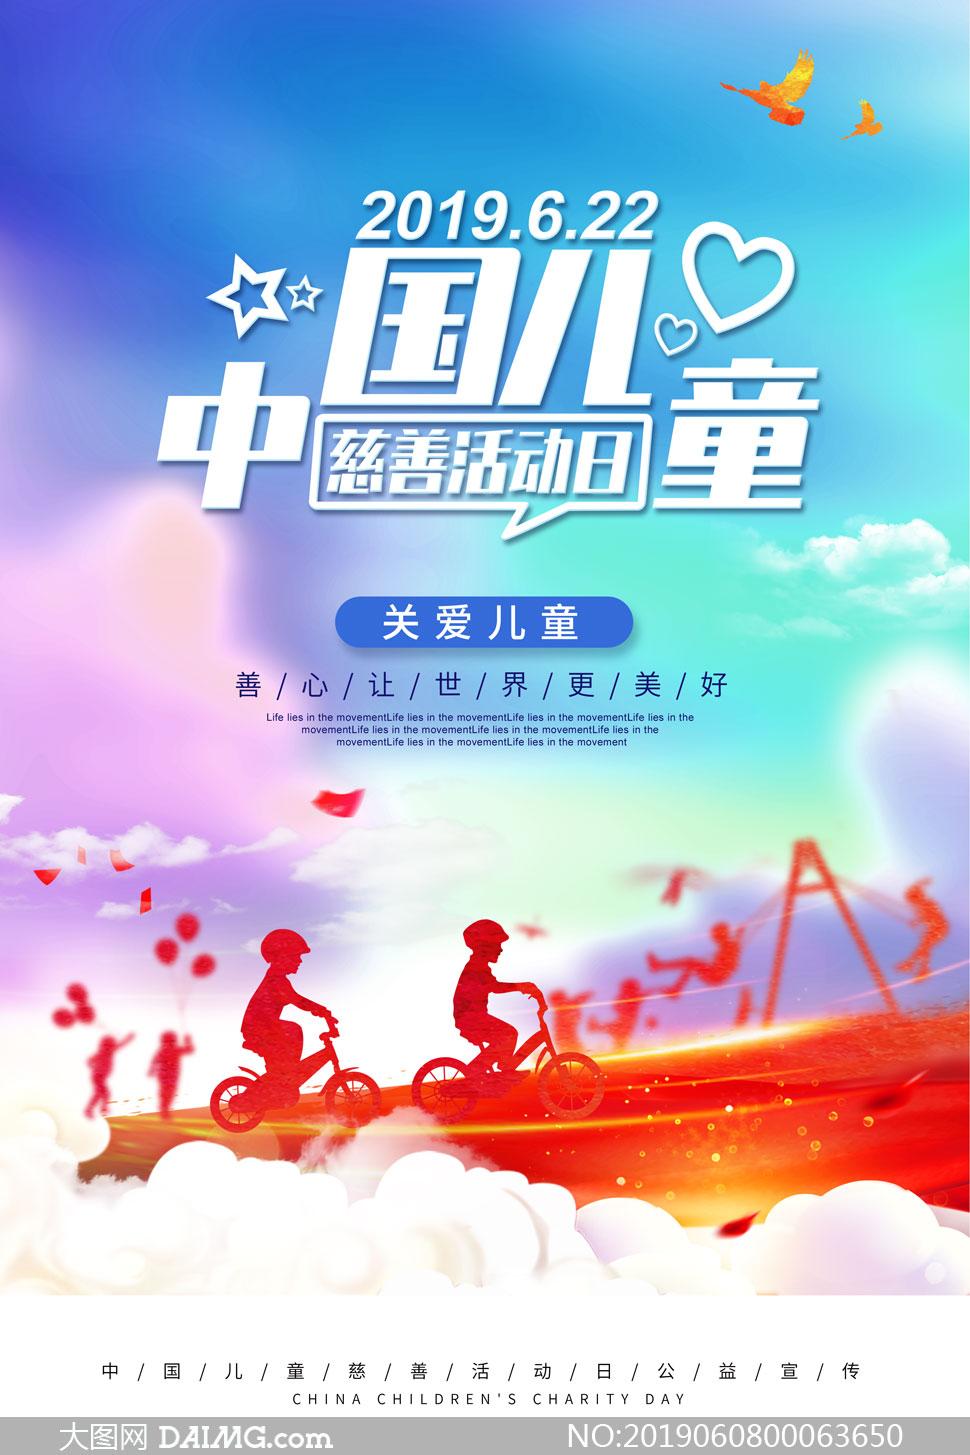 儿童慈善活动日公益宣传海报PSD素材